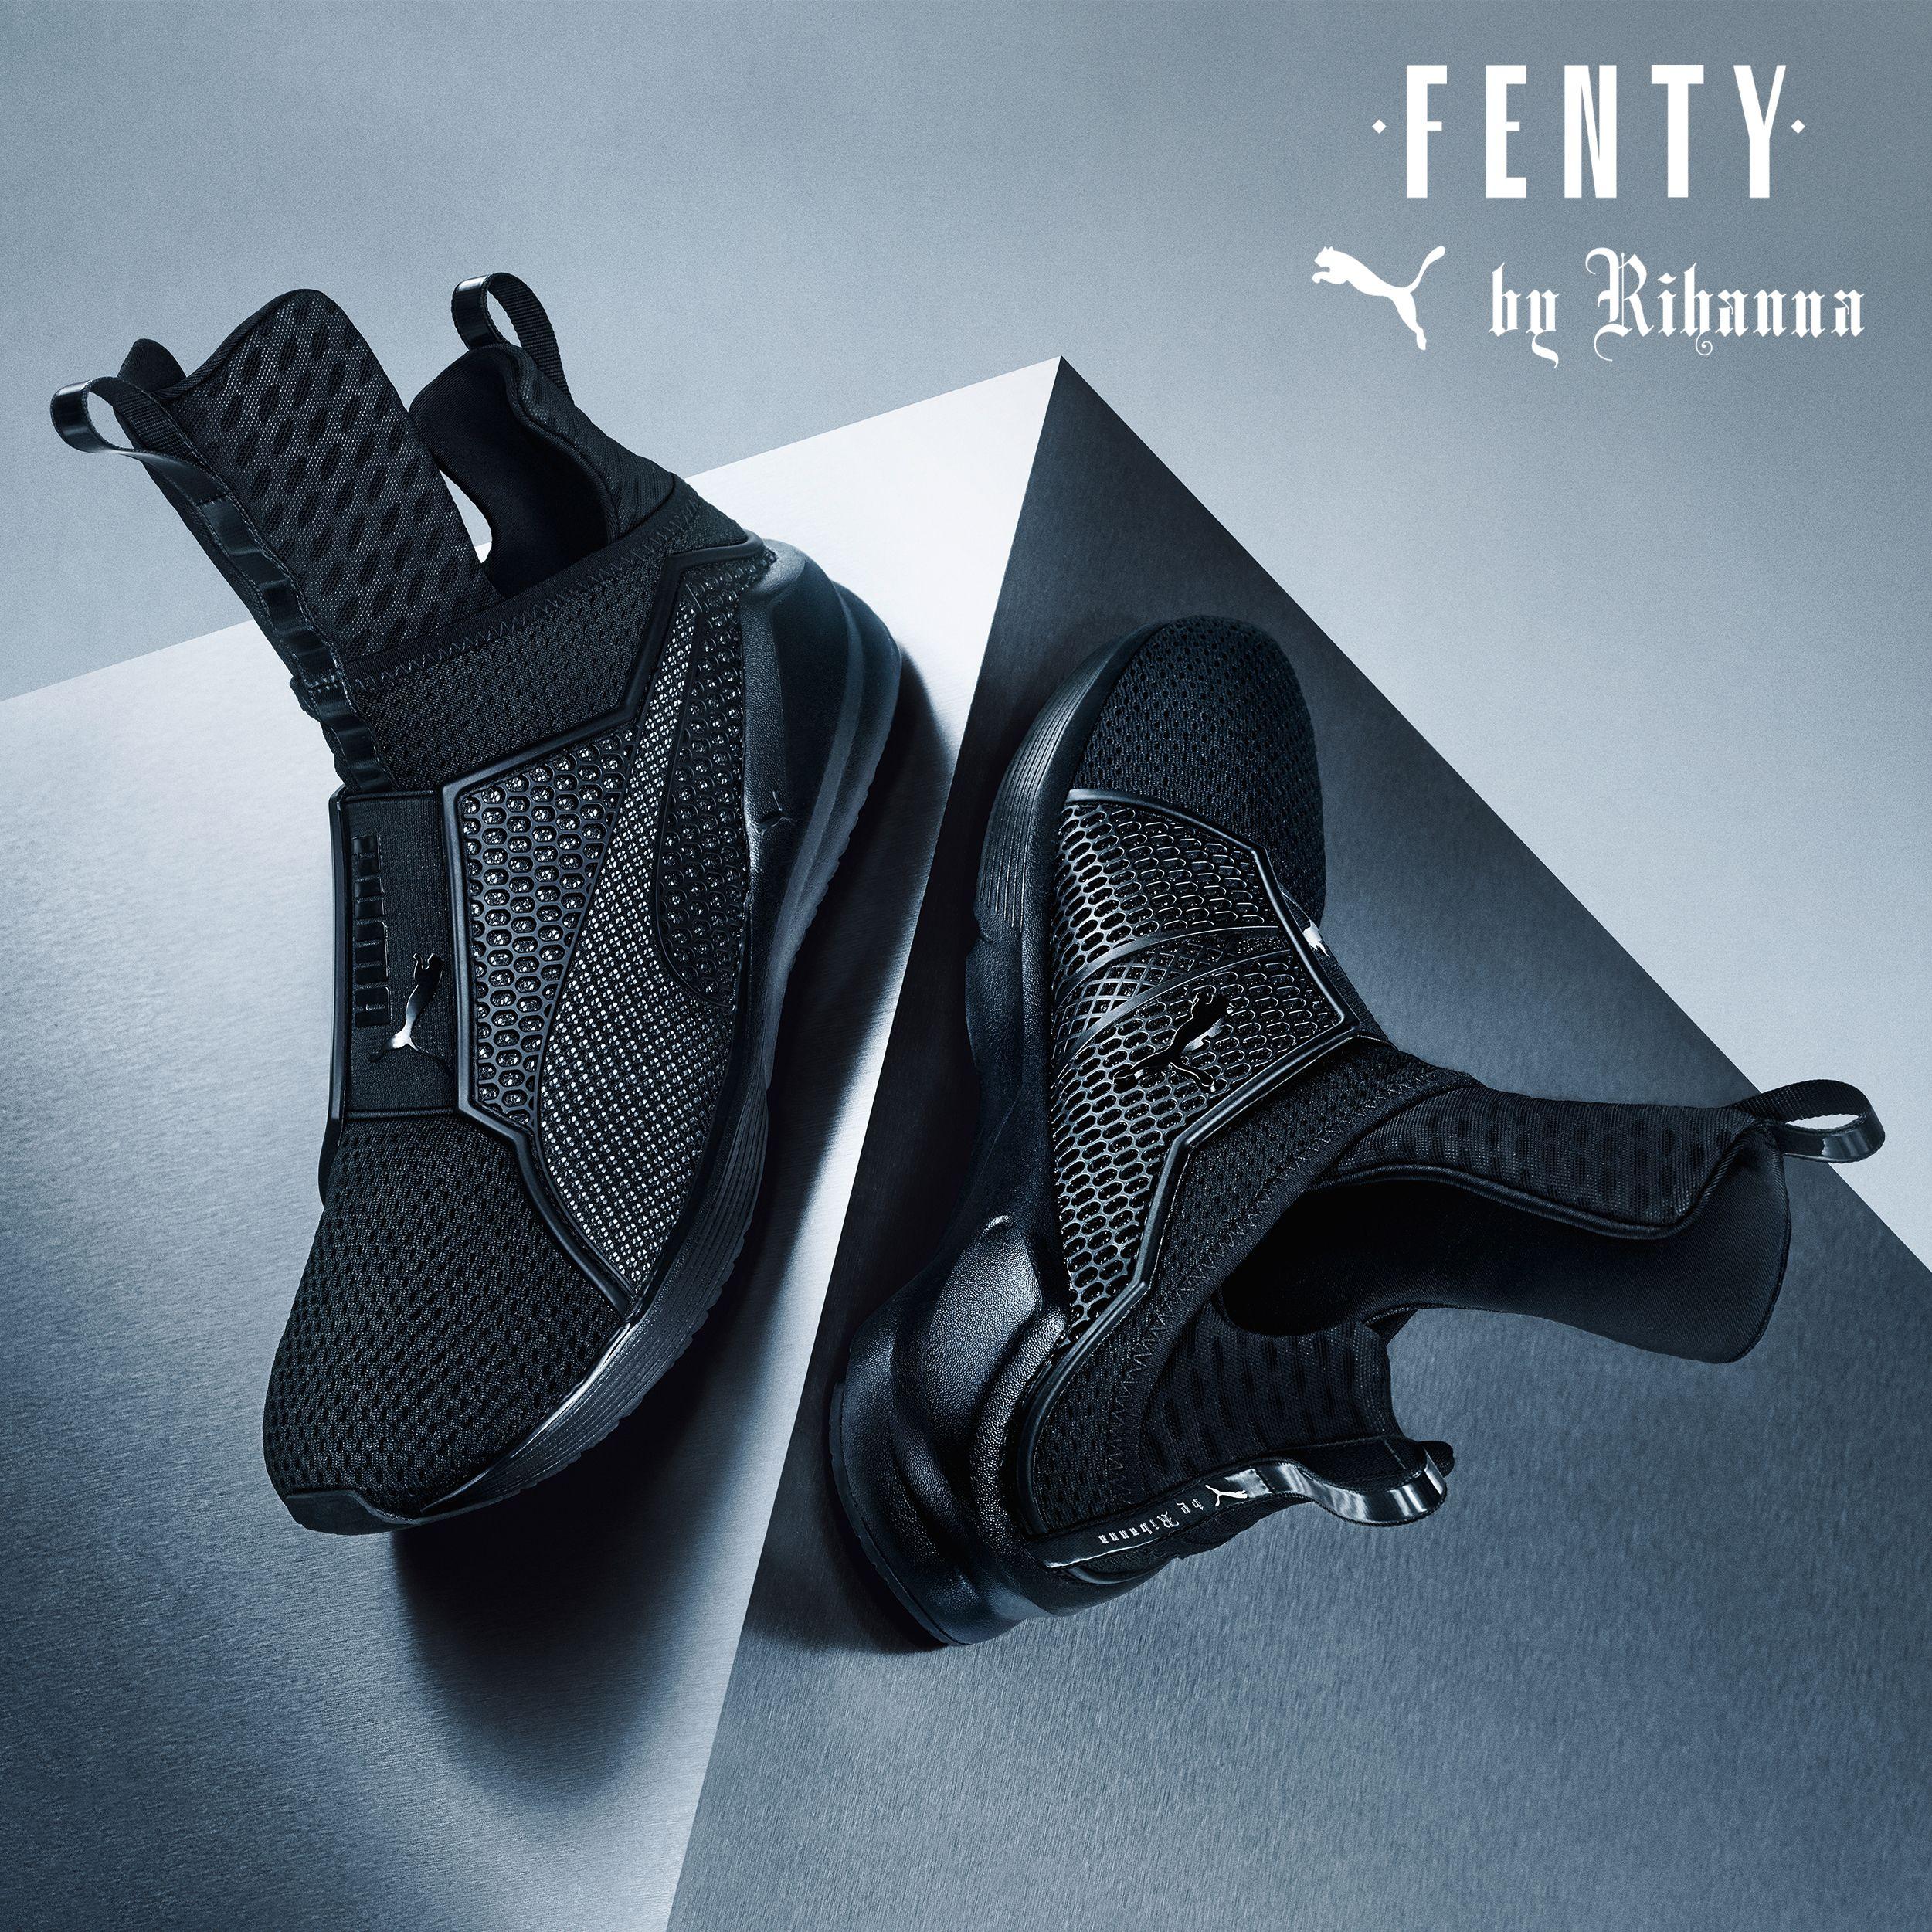 Puma Fierce Fenty By Rihanna 'Blackout' (via